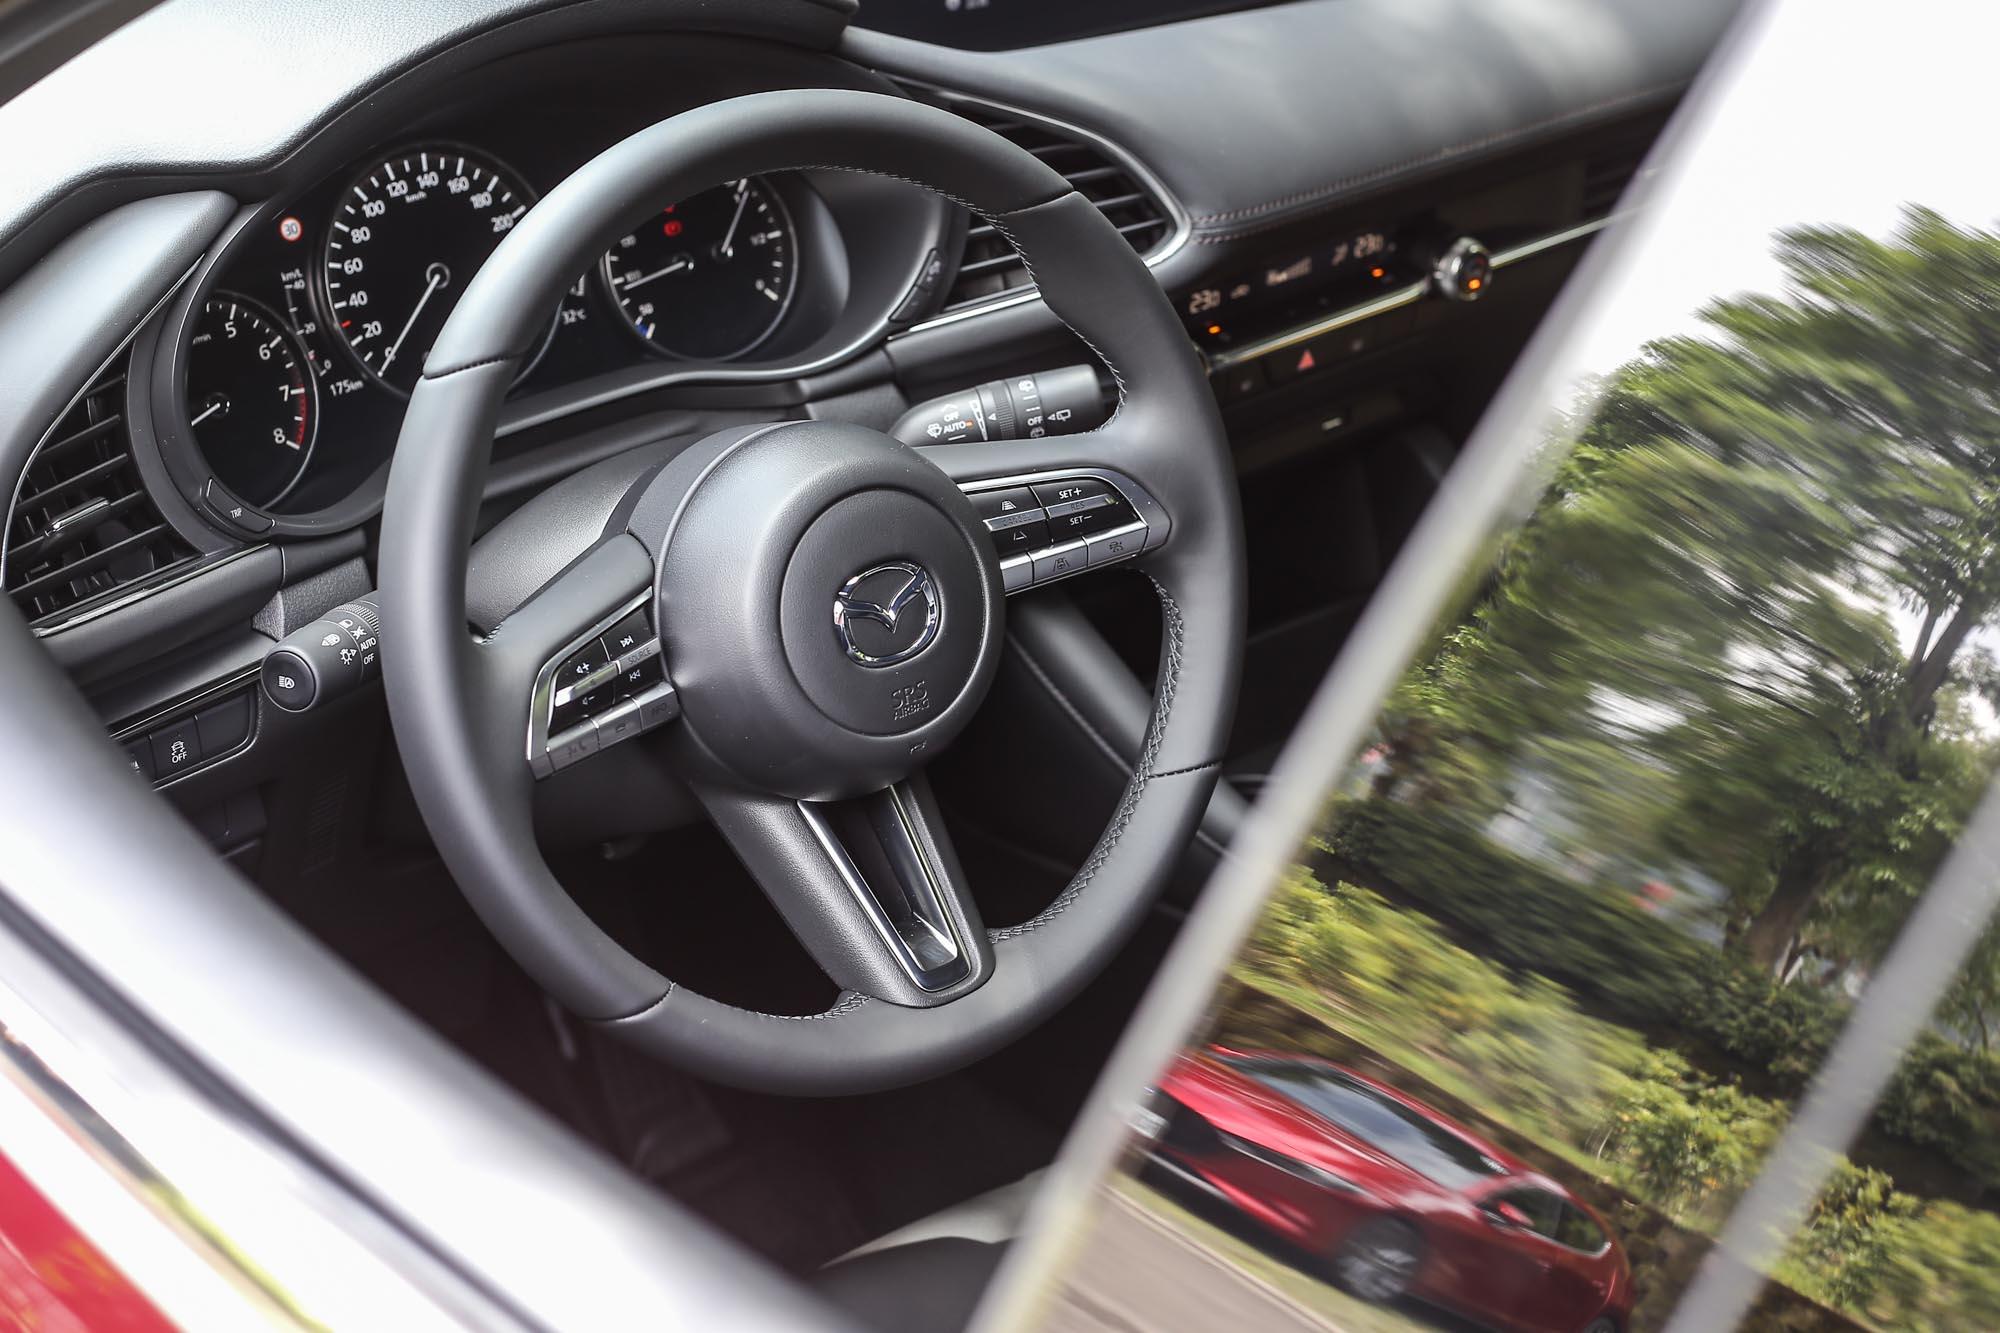 雖然沒有換檔撥片與觸控介面,但在整體的握感與質感設計方面,五門 Mazda3 BOSE® 旗艦型的方向盤表現也挺優異。